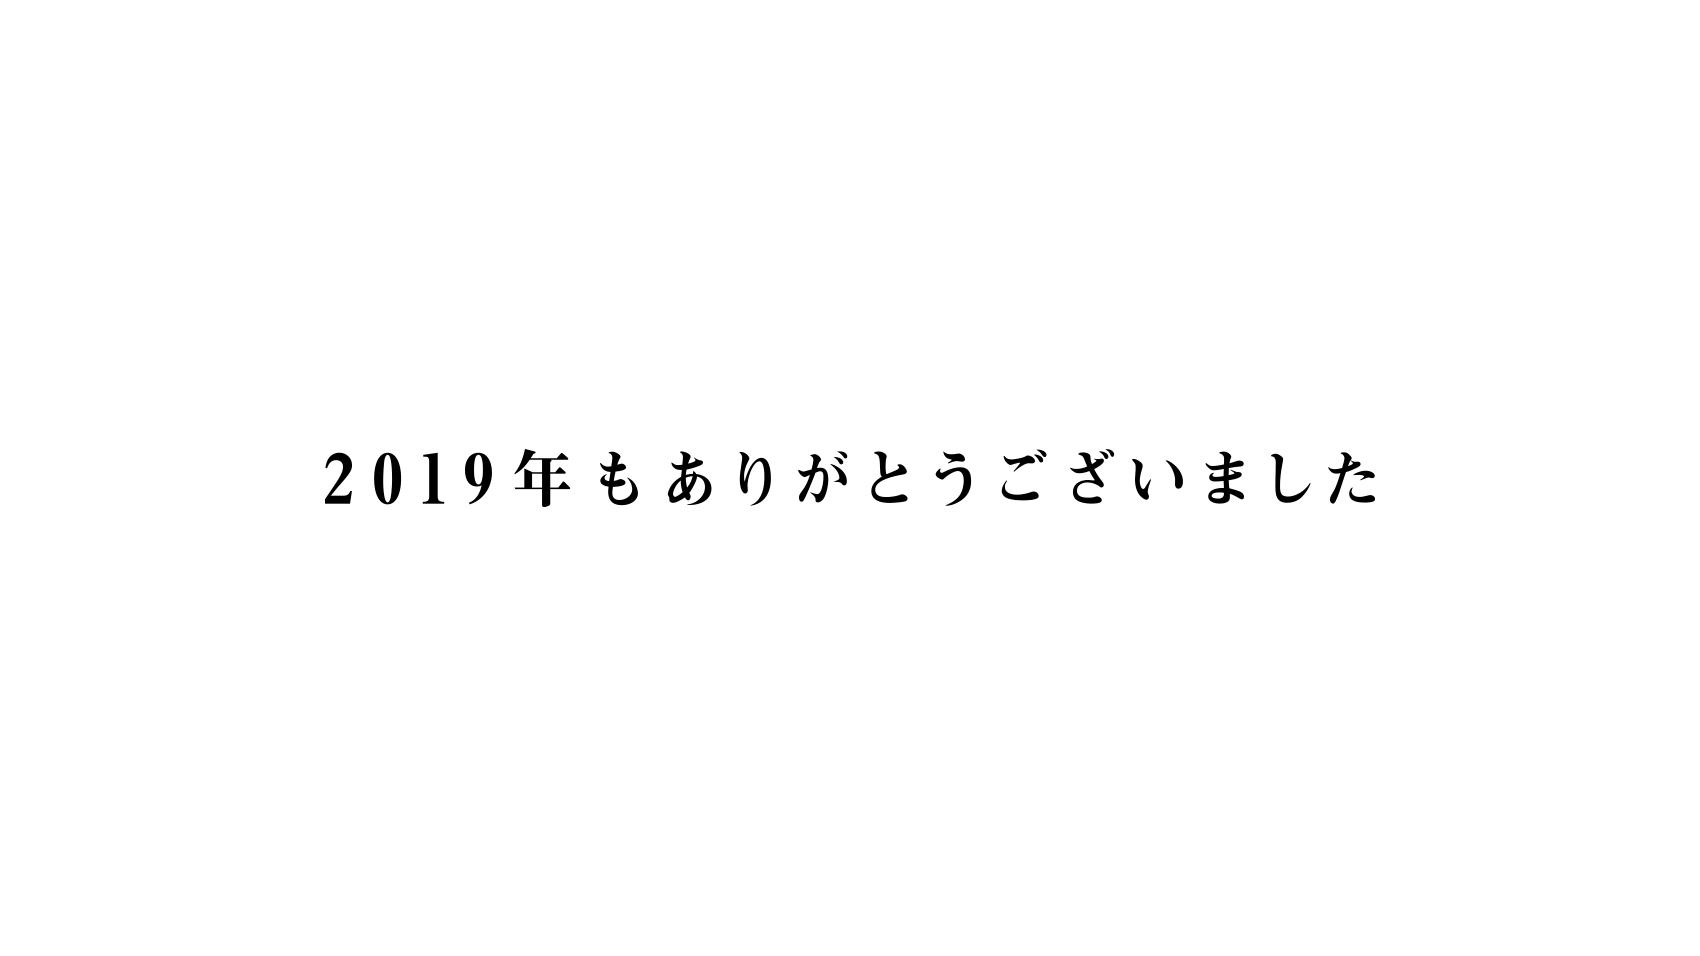 今年もBUROKI designをありがとうございました。2019年の振り返り